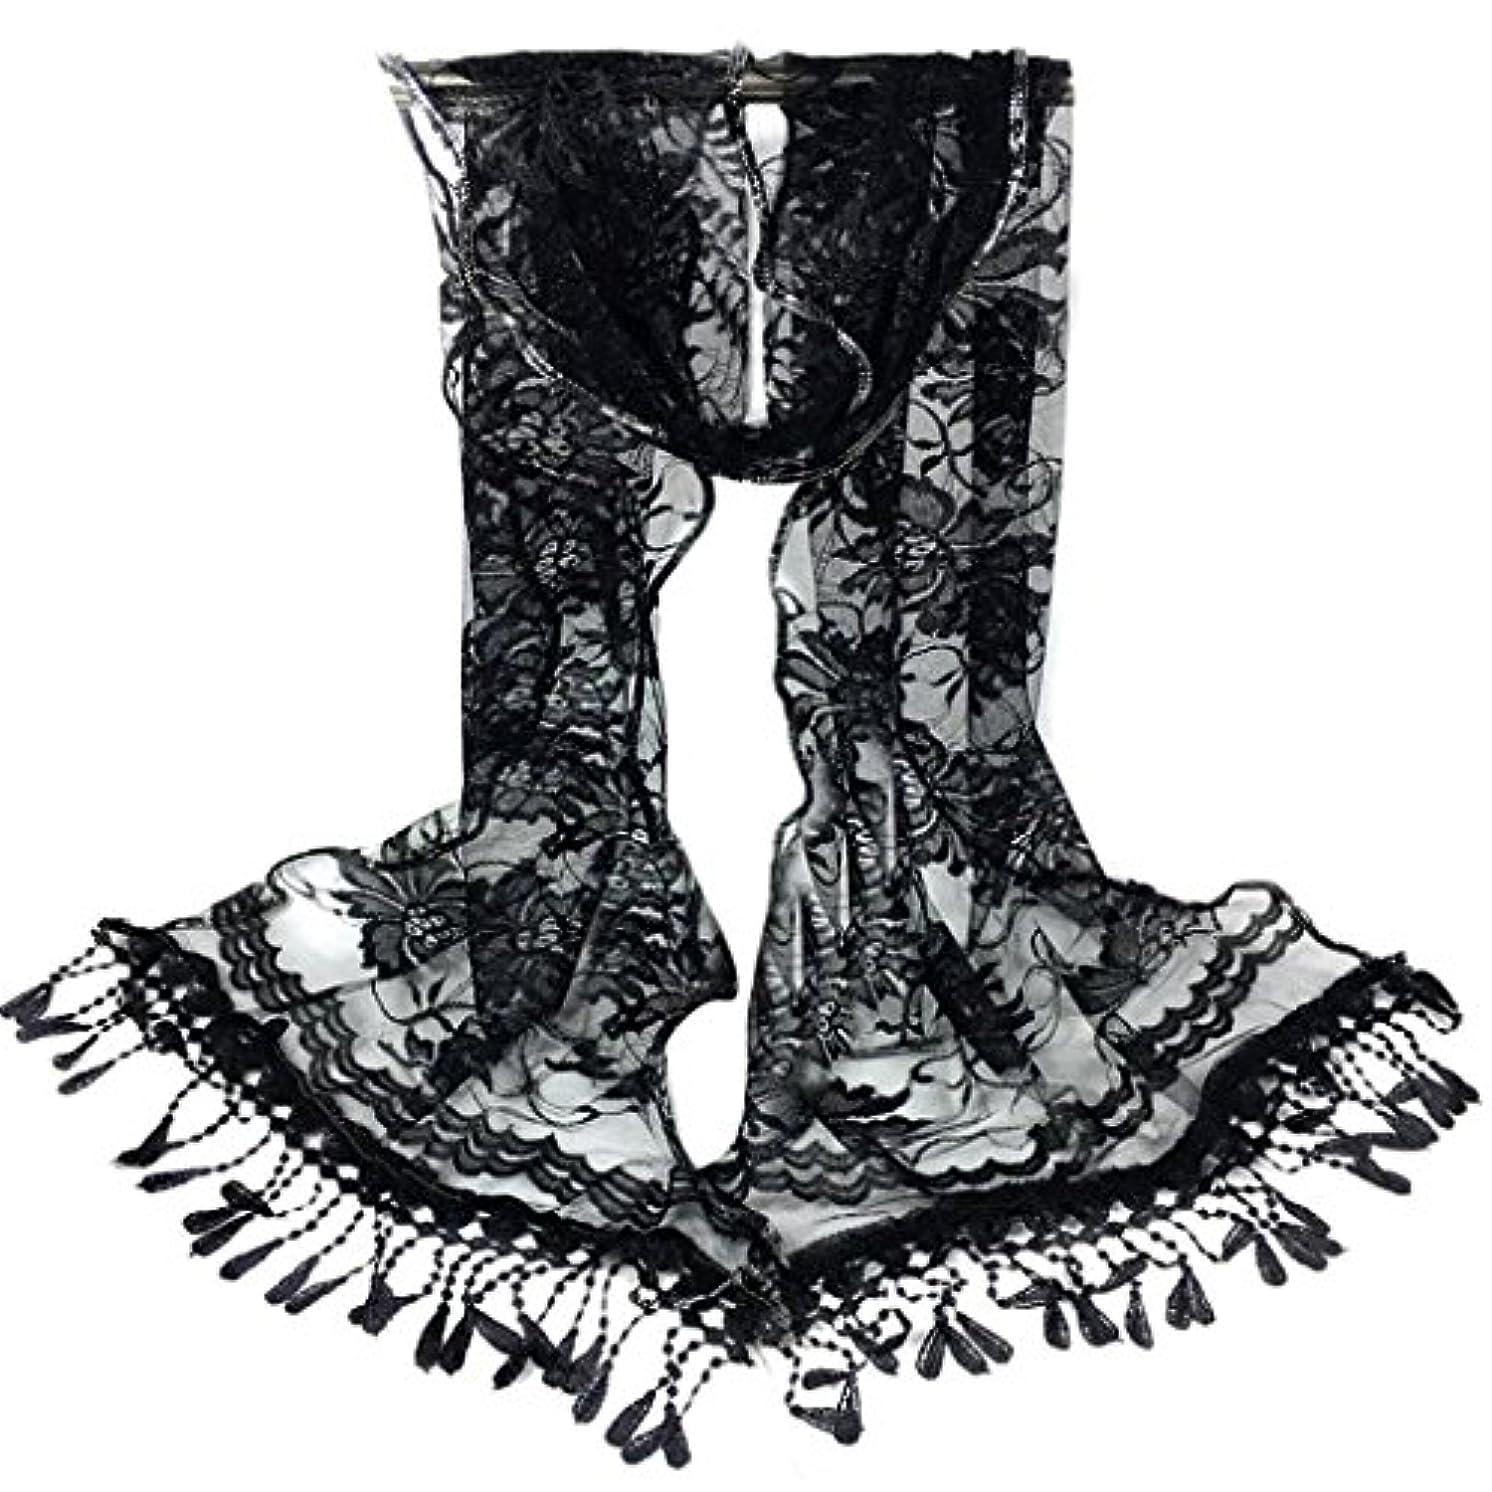 トラップ国対処[SakuraBest] 女性ロングスカーフタッセルショールフラワーレーススカーフ